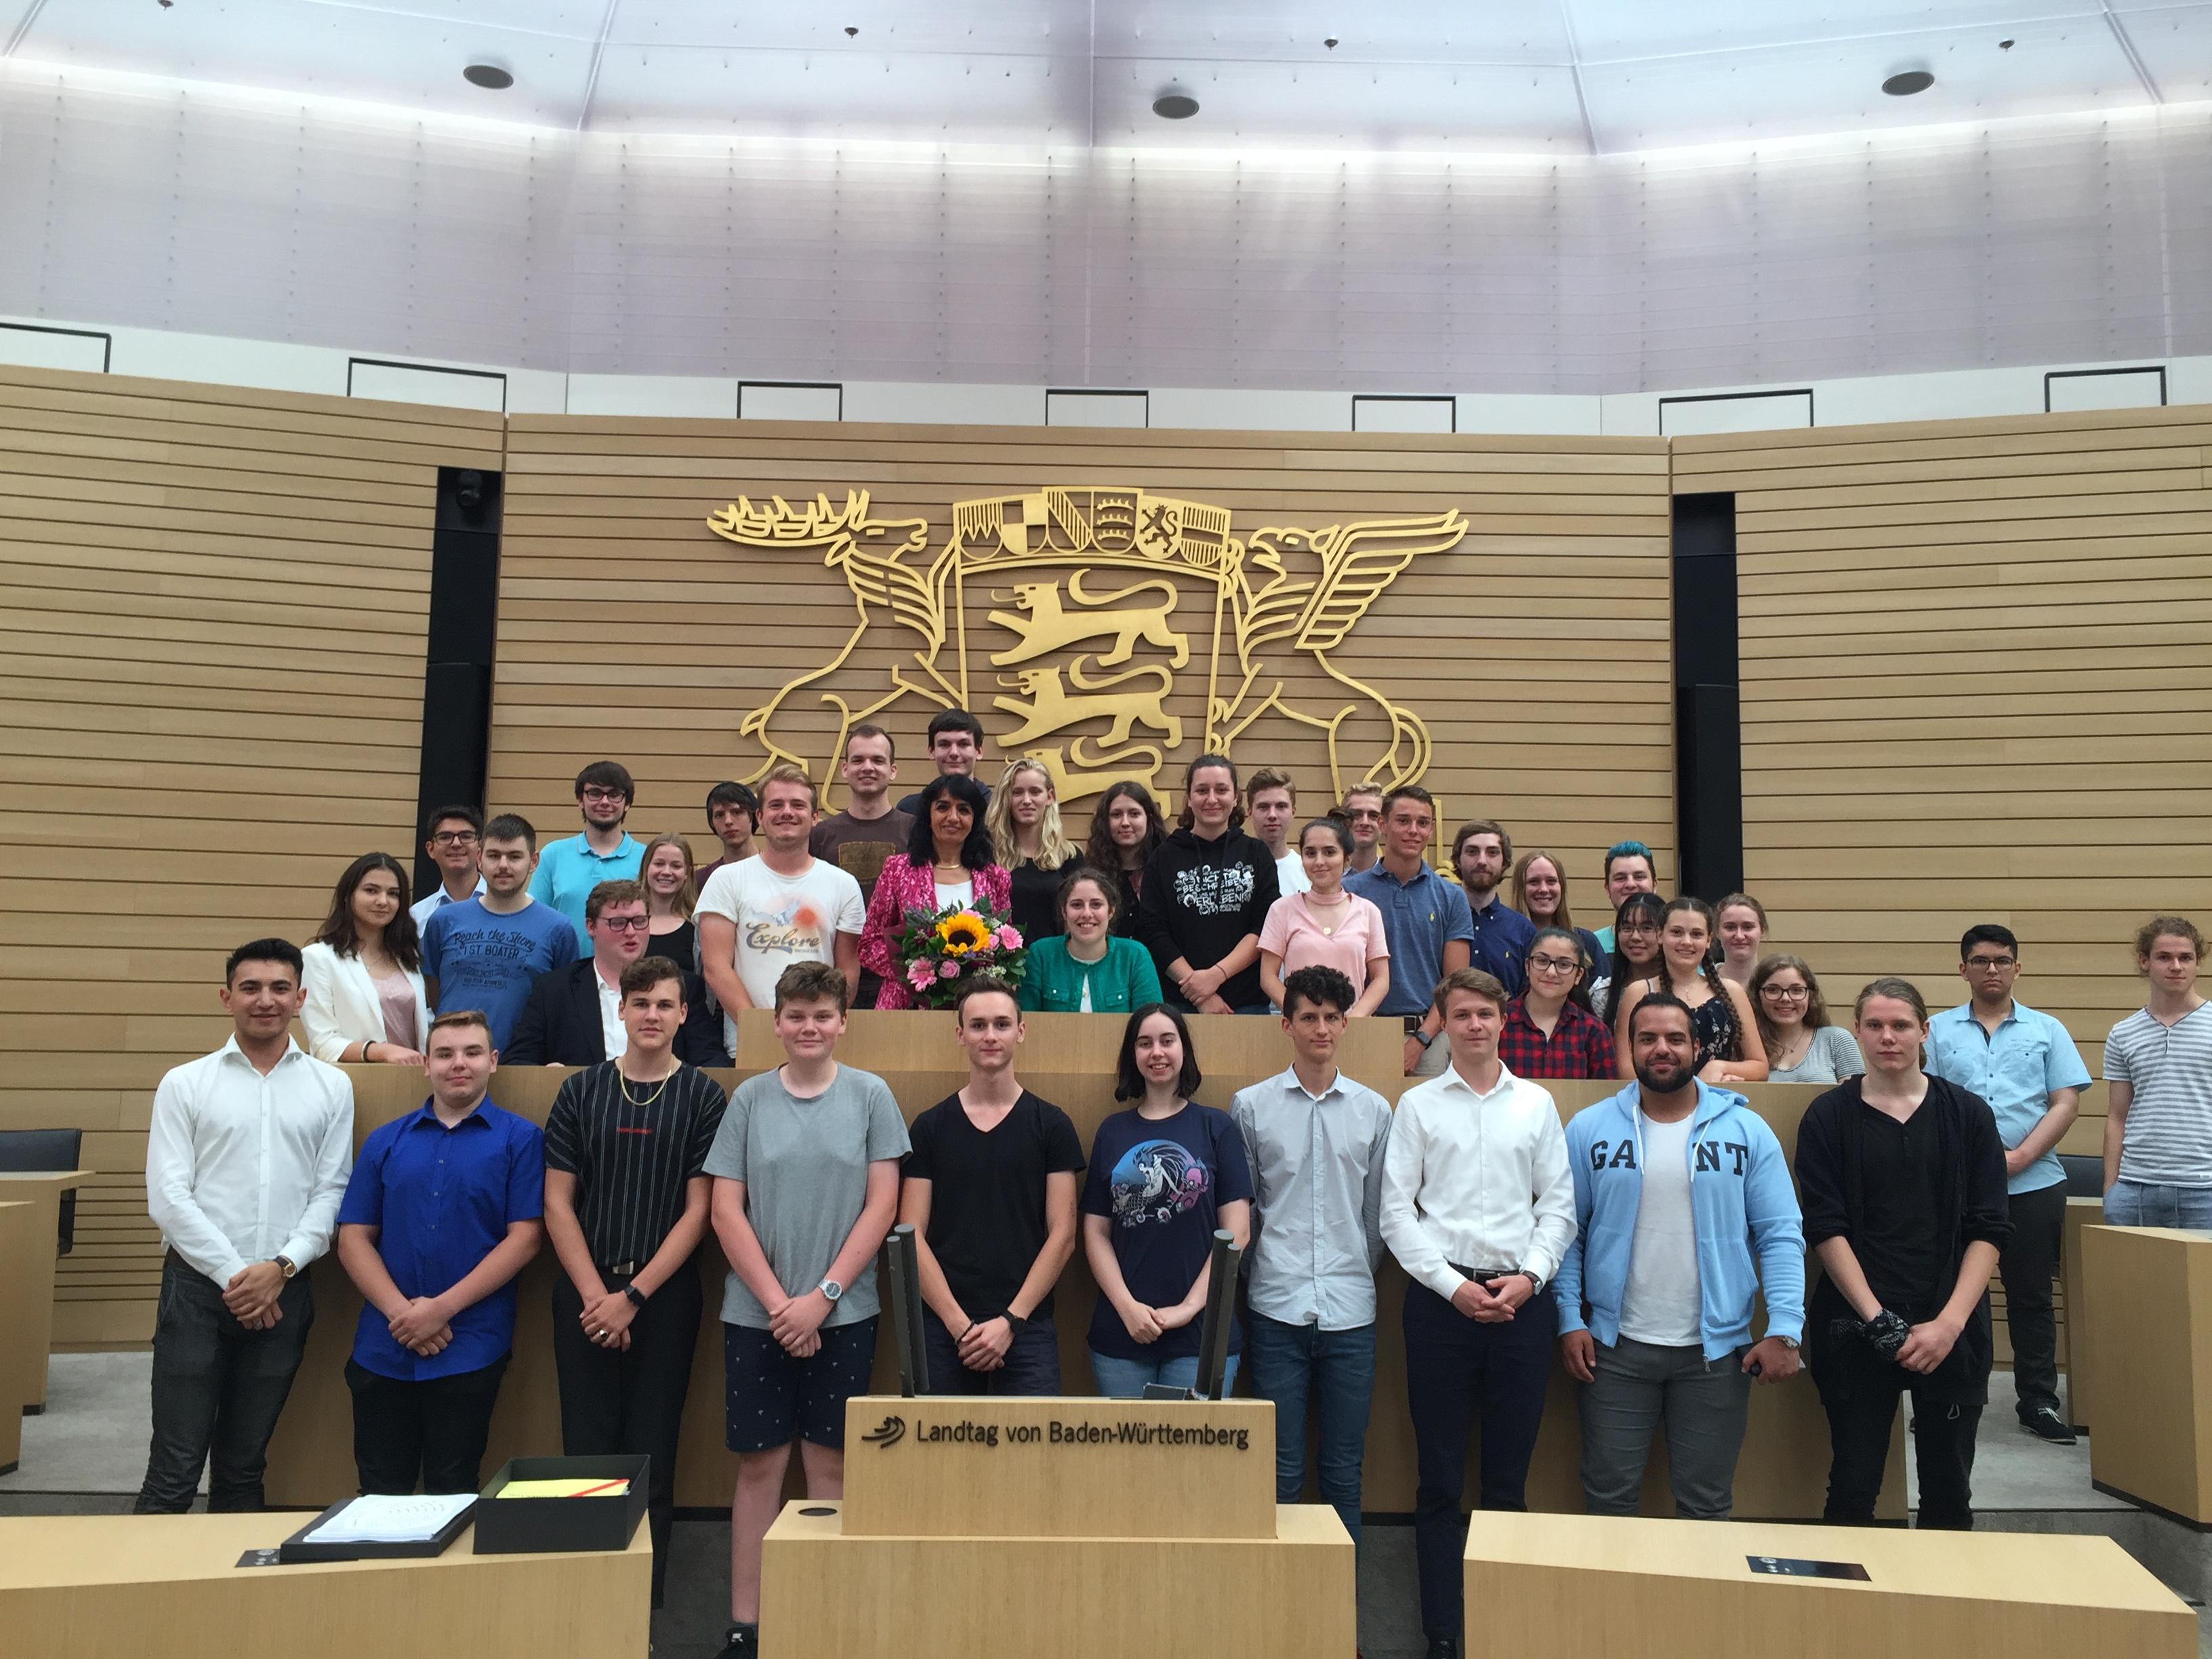 Der Landtag öffnet die Türen für die Jugendgemeinderäte aus Baden-Württemberg